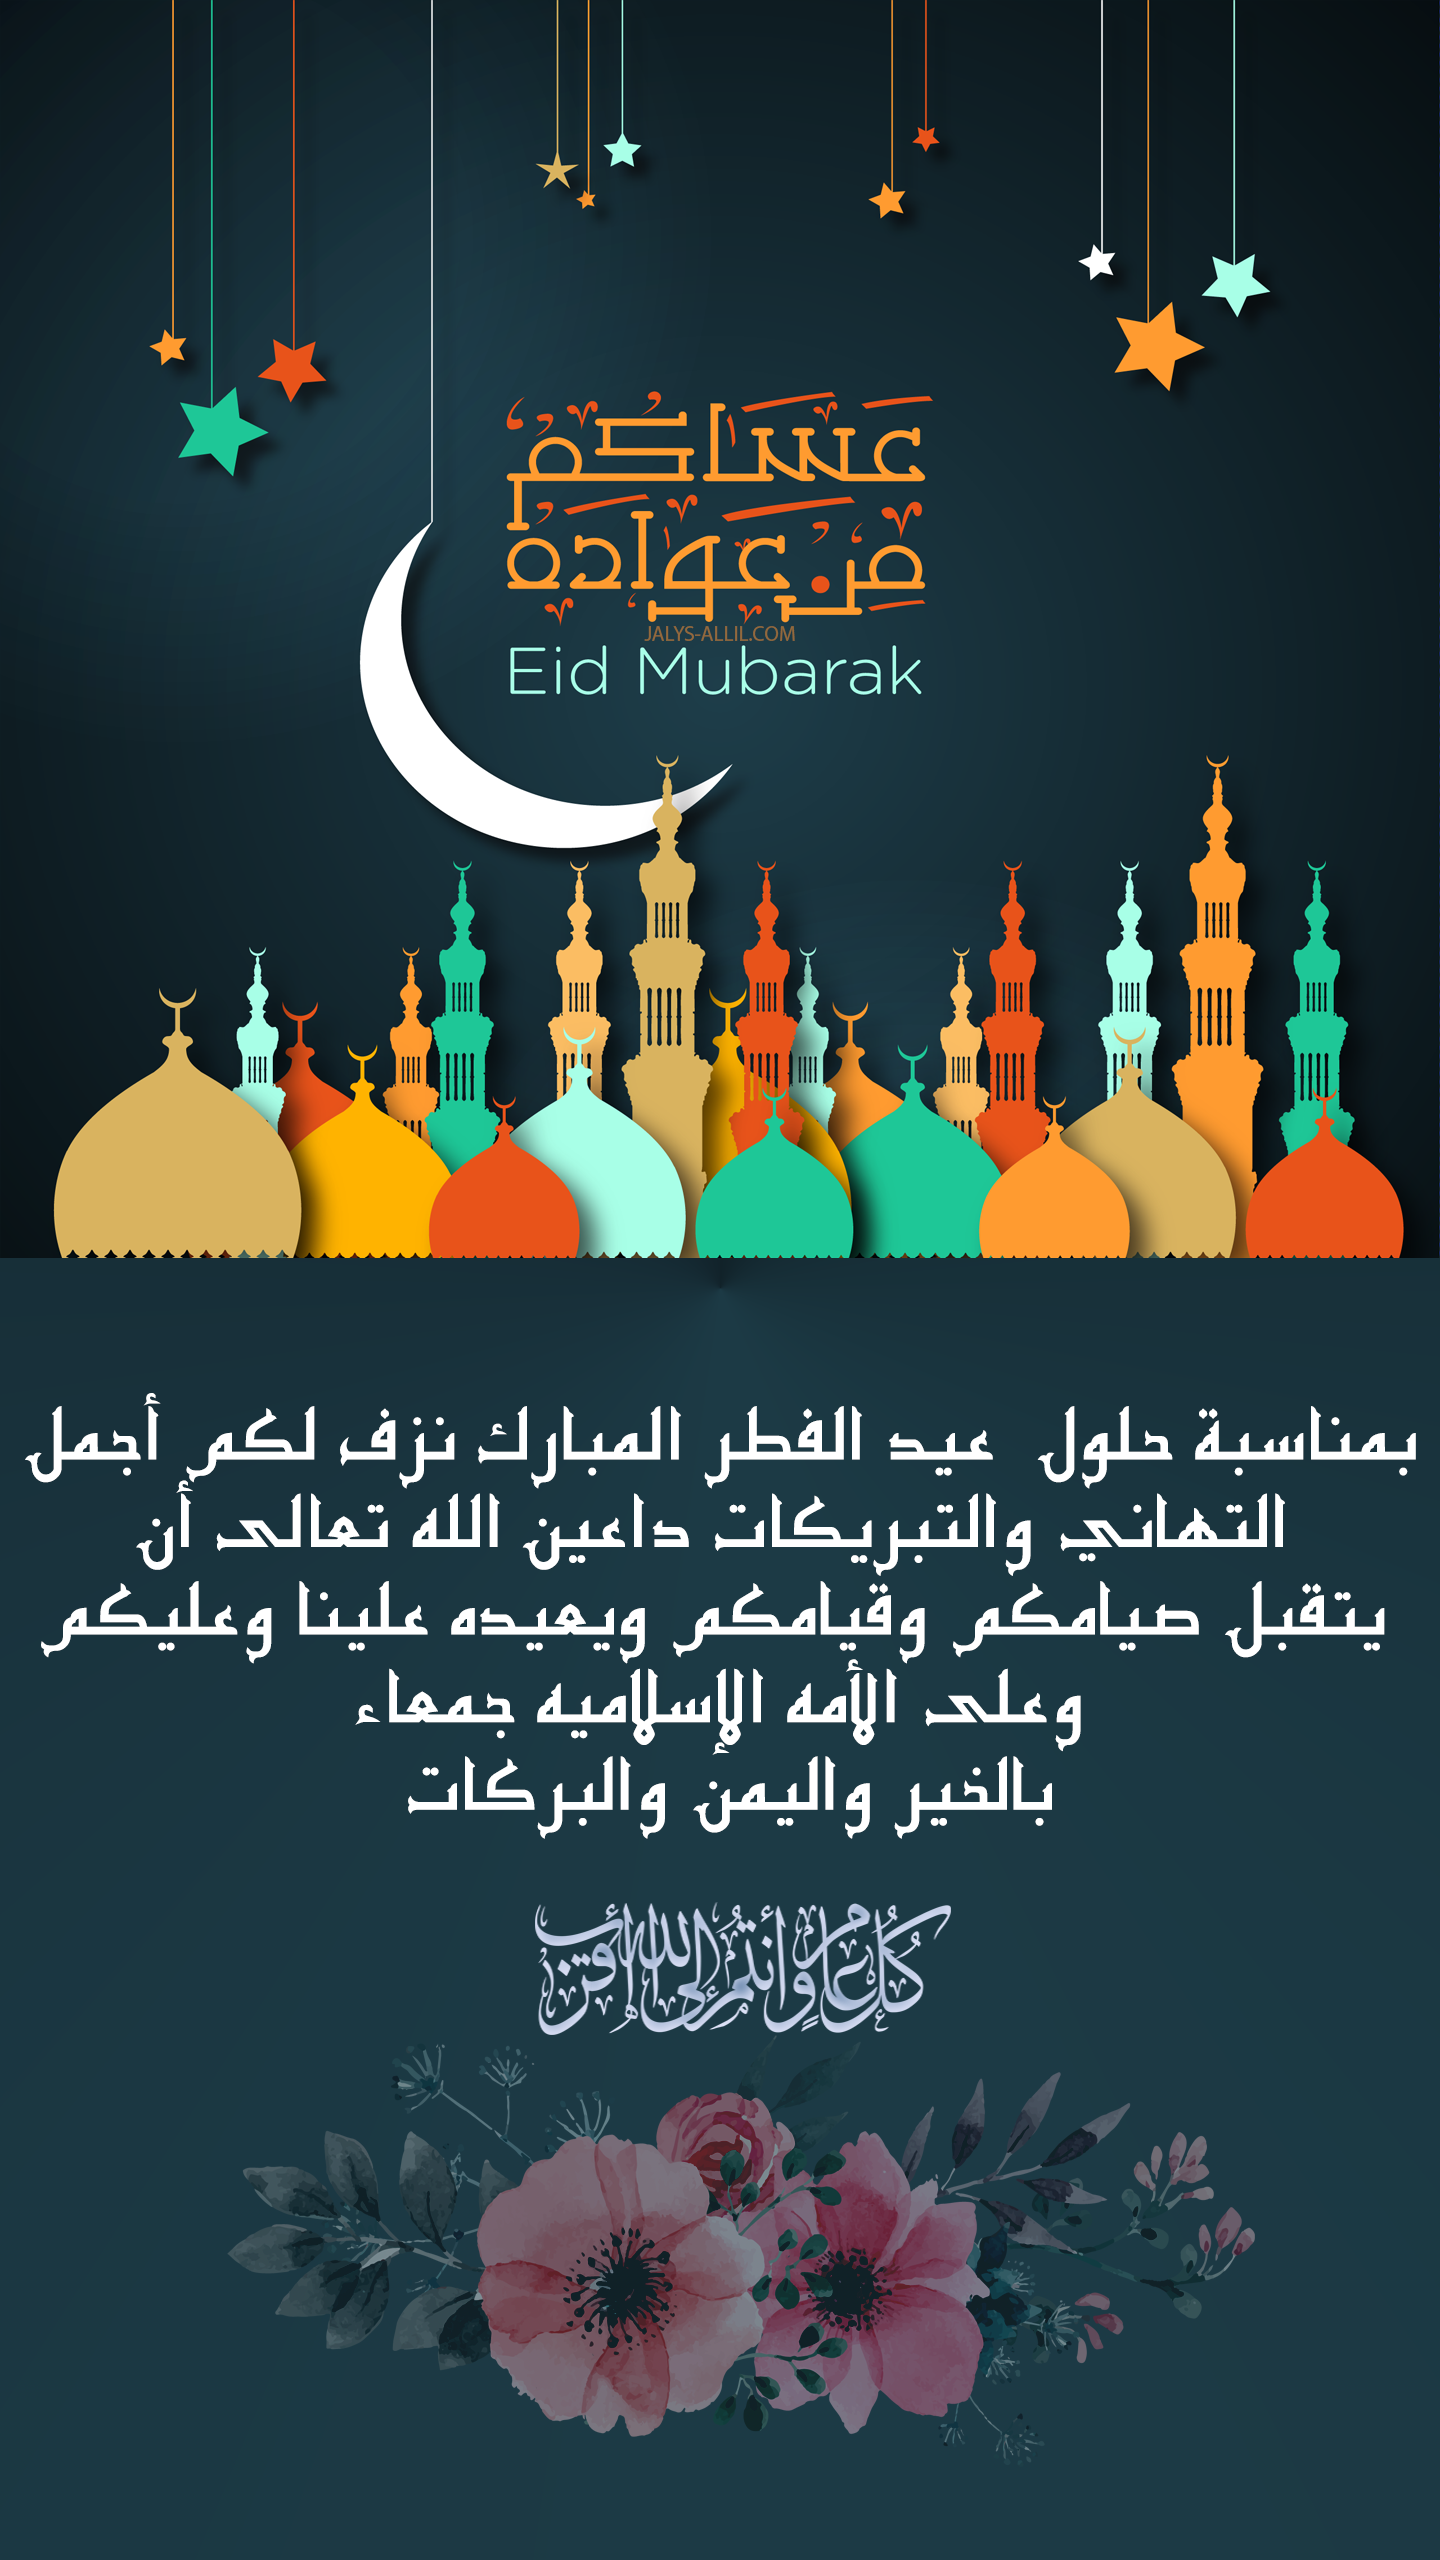 بطاقة تهنئه بمناسبة عيد الفطر